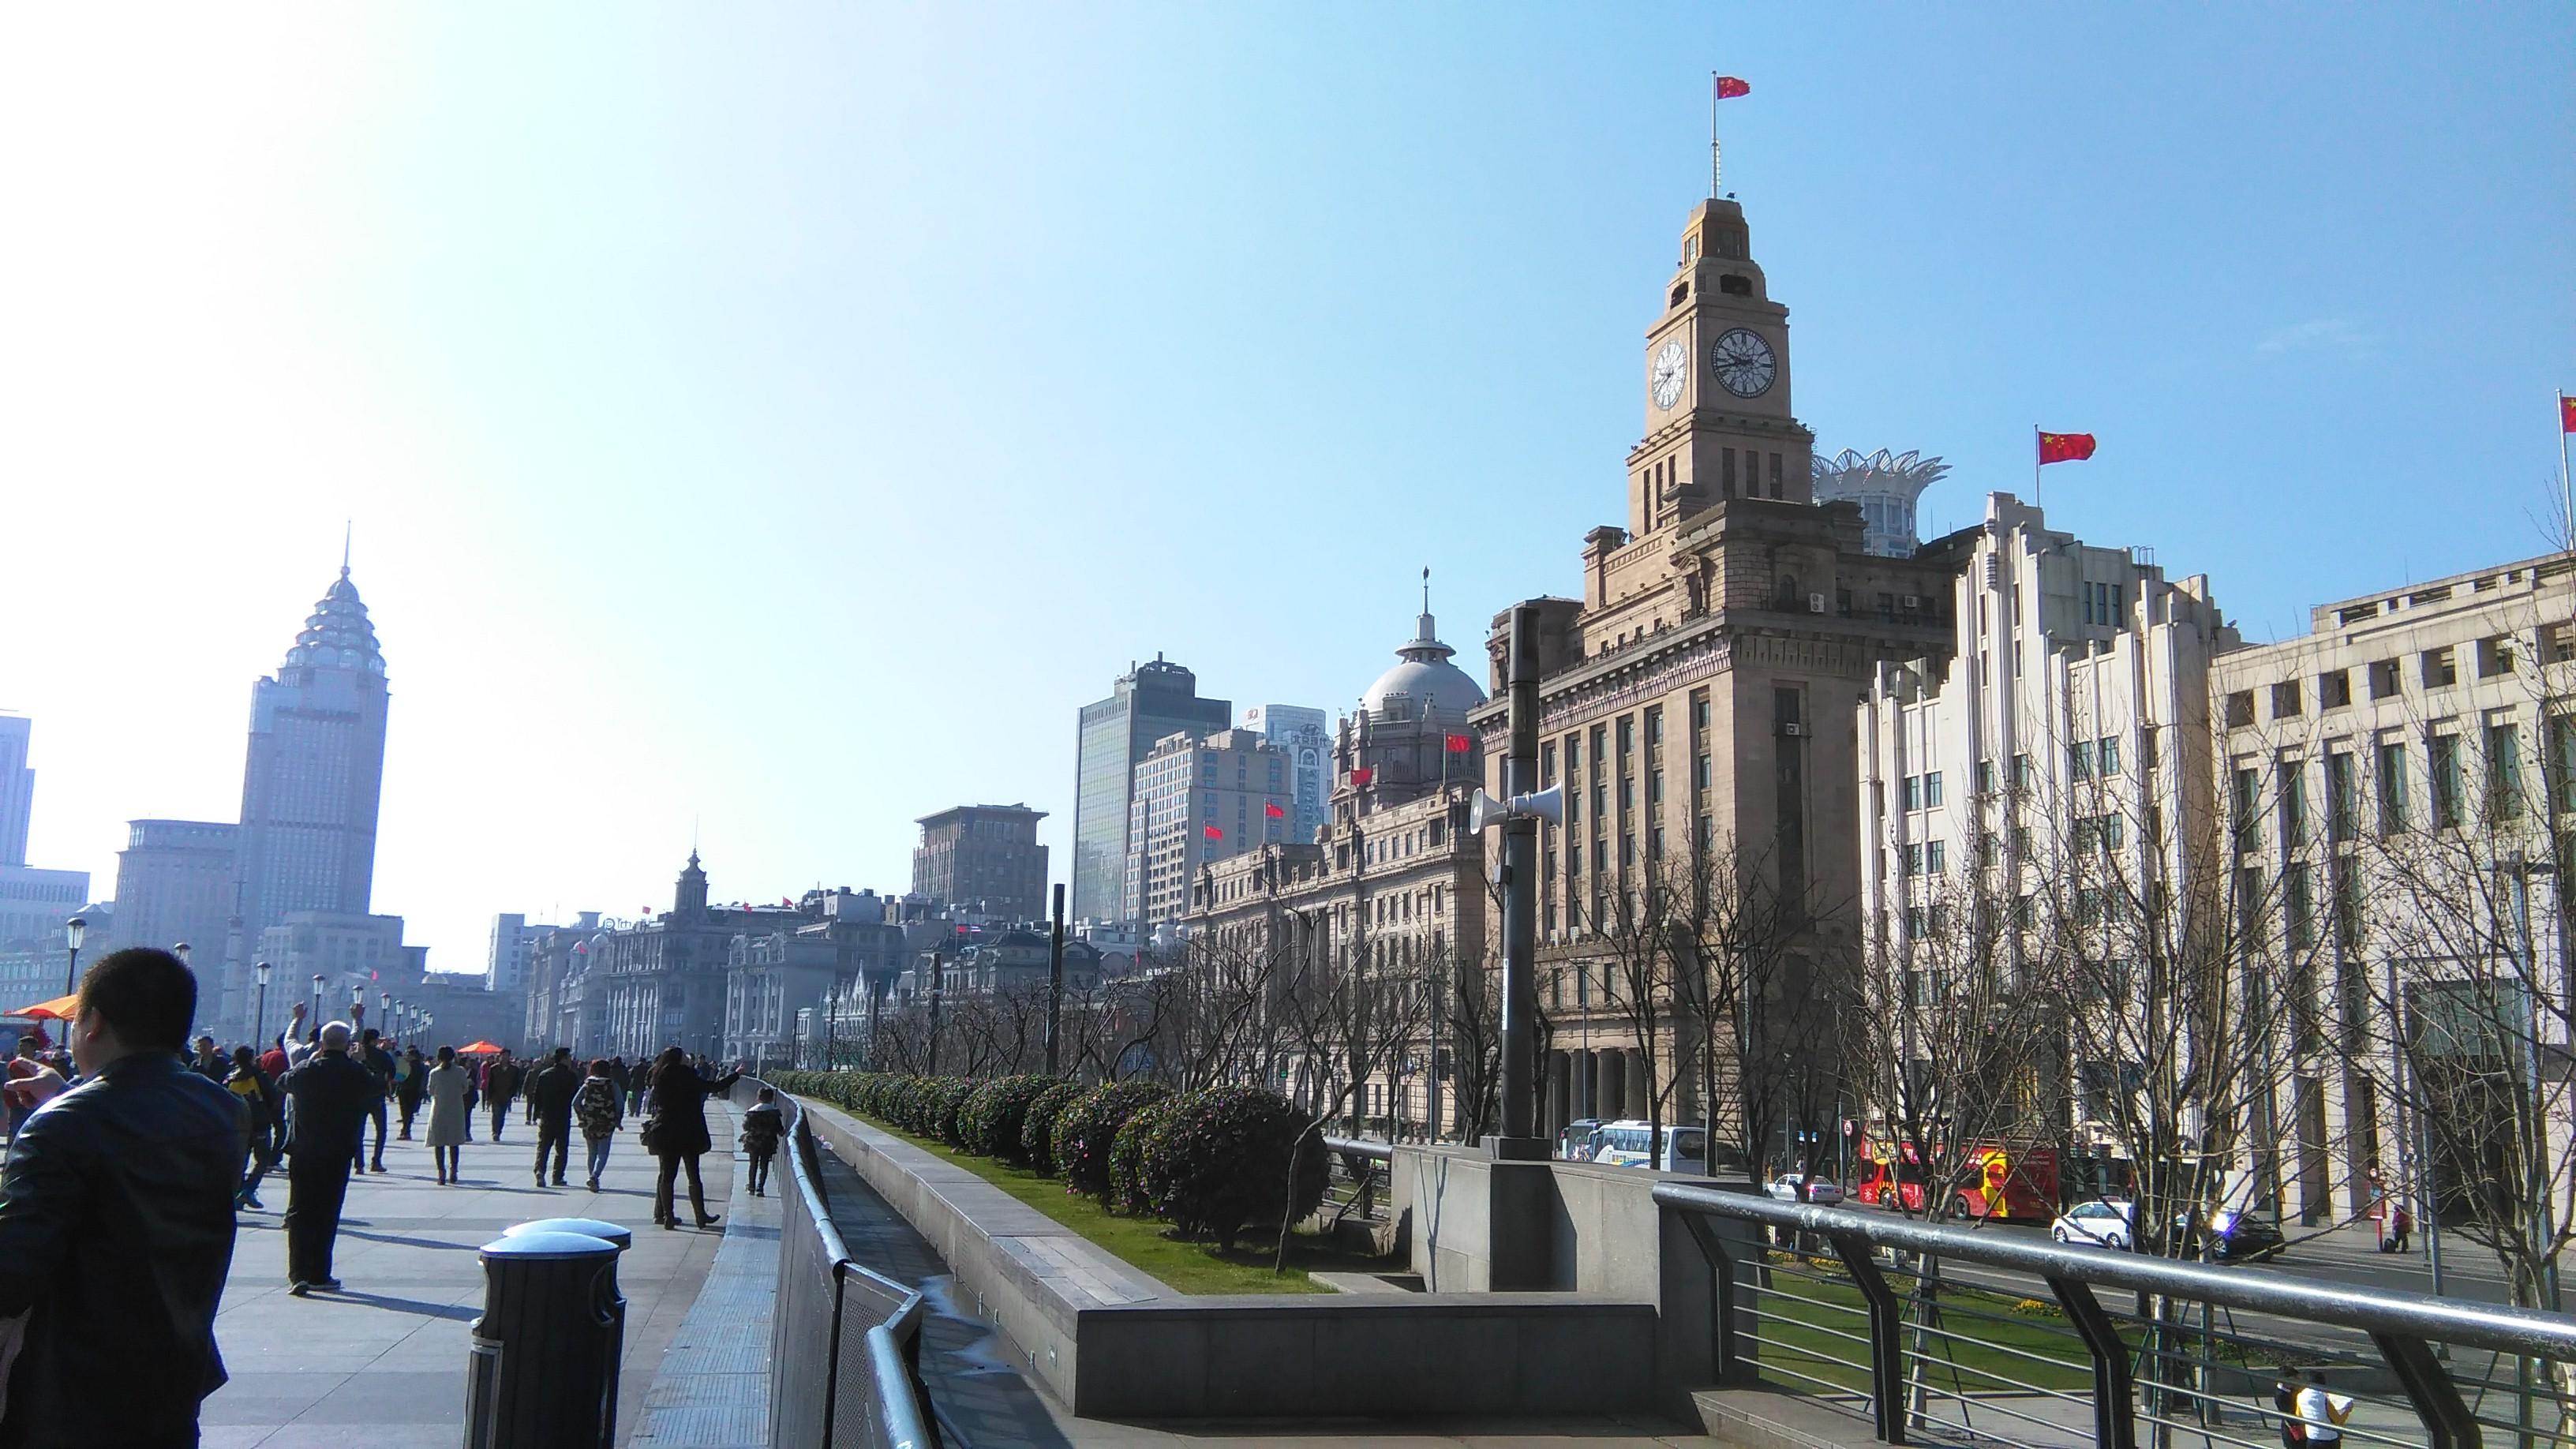 【携程攻略】上海外滩万国建筑博览群景点,万国建筑群